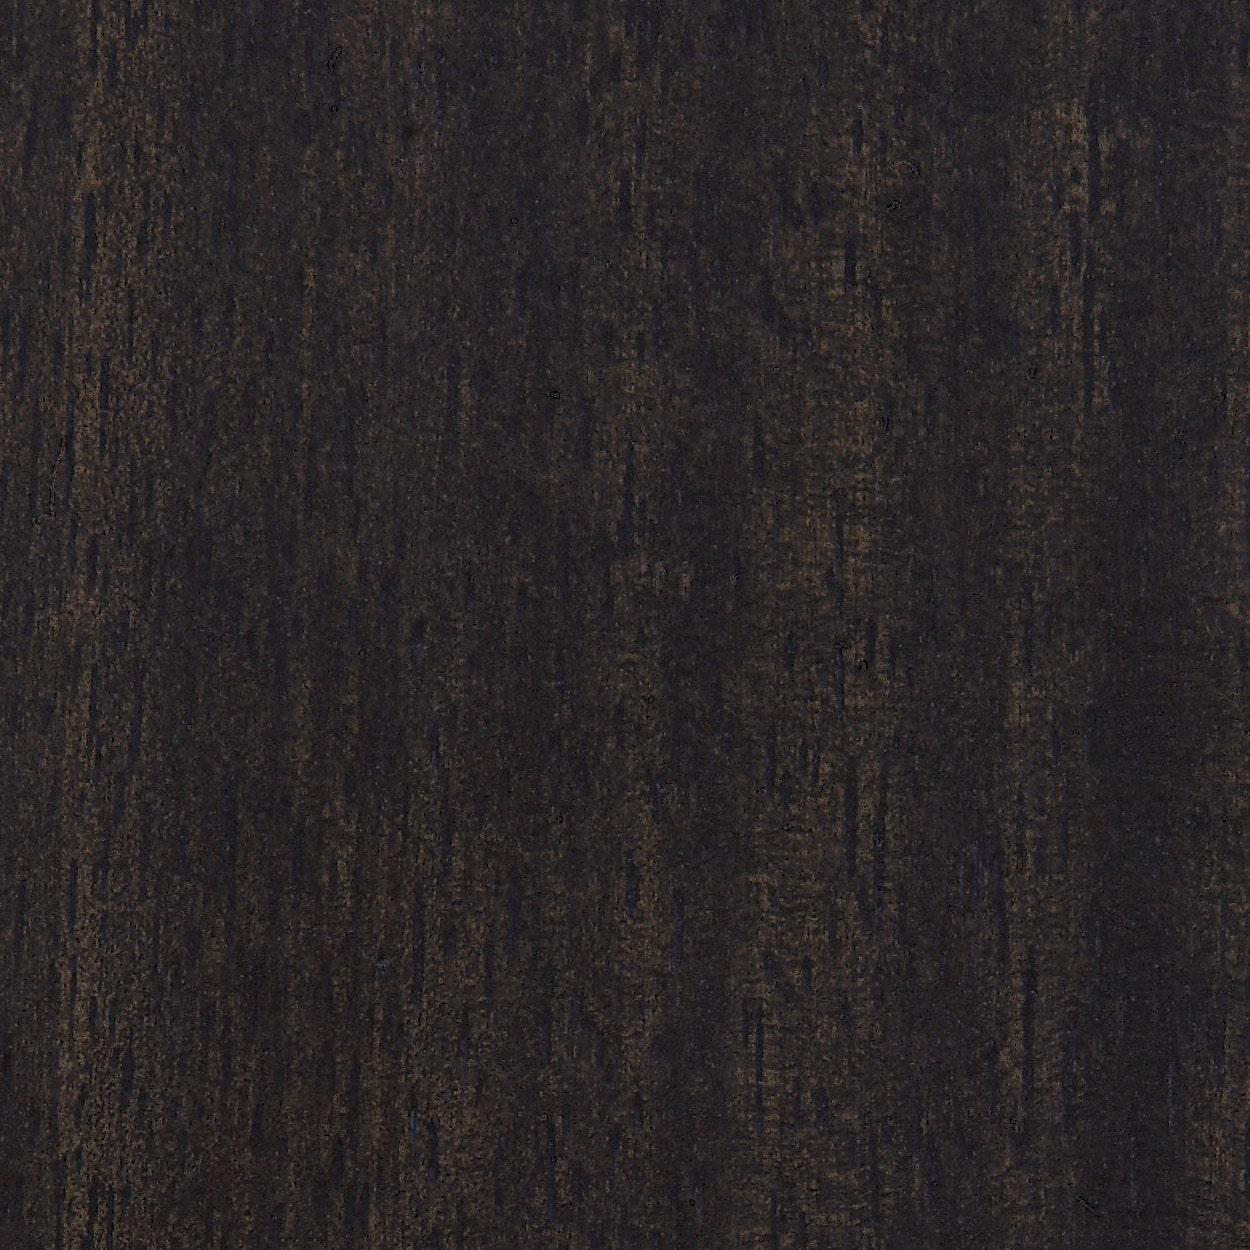 OS-140903-01RW